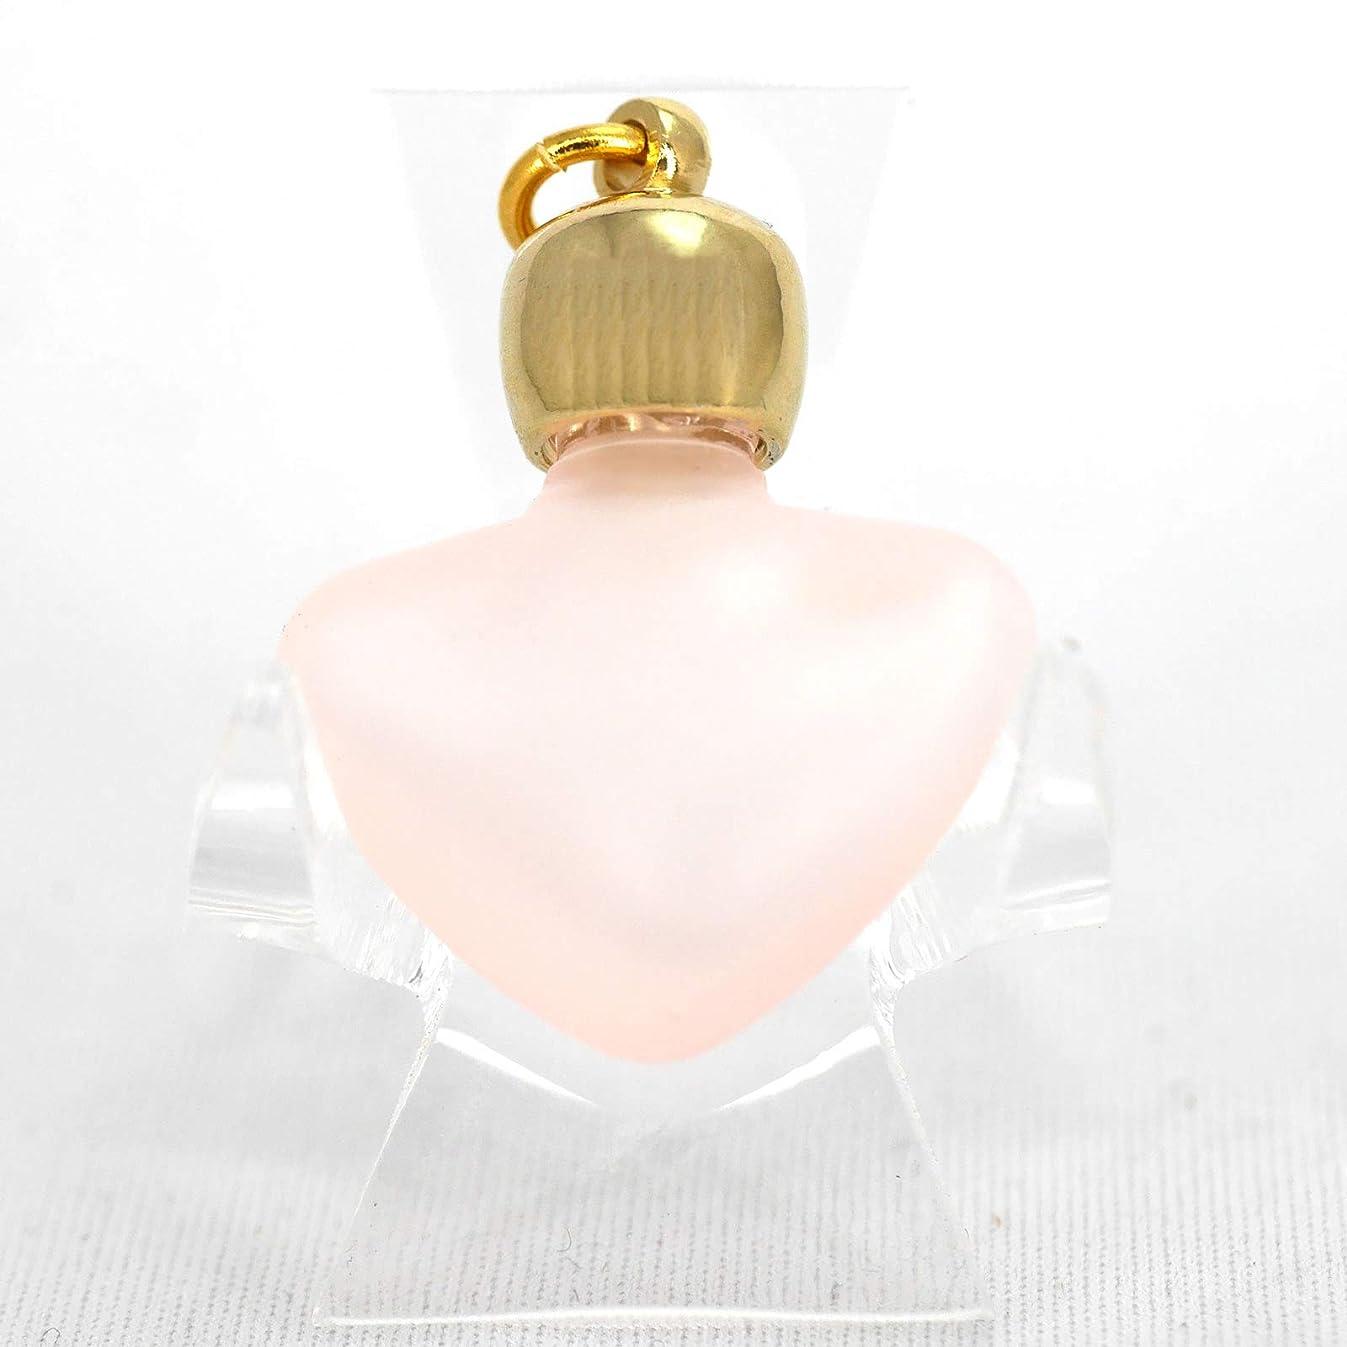 ミニ香水瓶 アロマペンダントトップ ハートピンクフロスト(ピンクすりガラス)0.8ml?ゴールド?穴あきキャップ、パッキン付属【アロマオイル?メモリーオイル入れにオススメ】